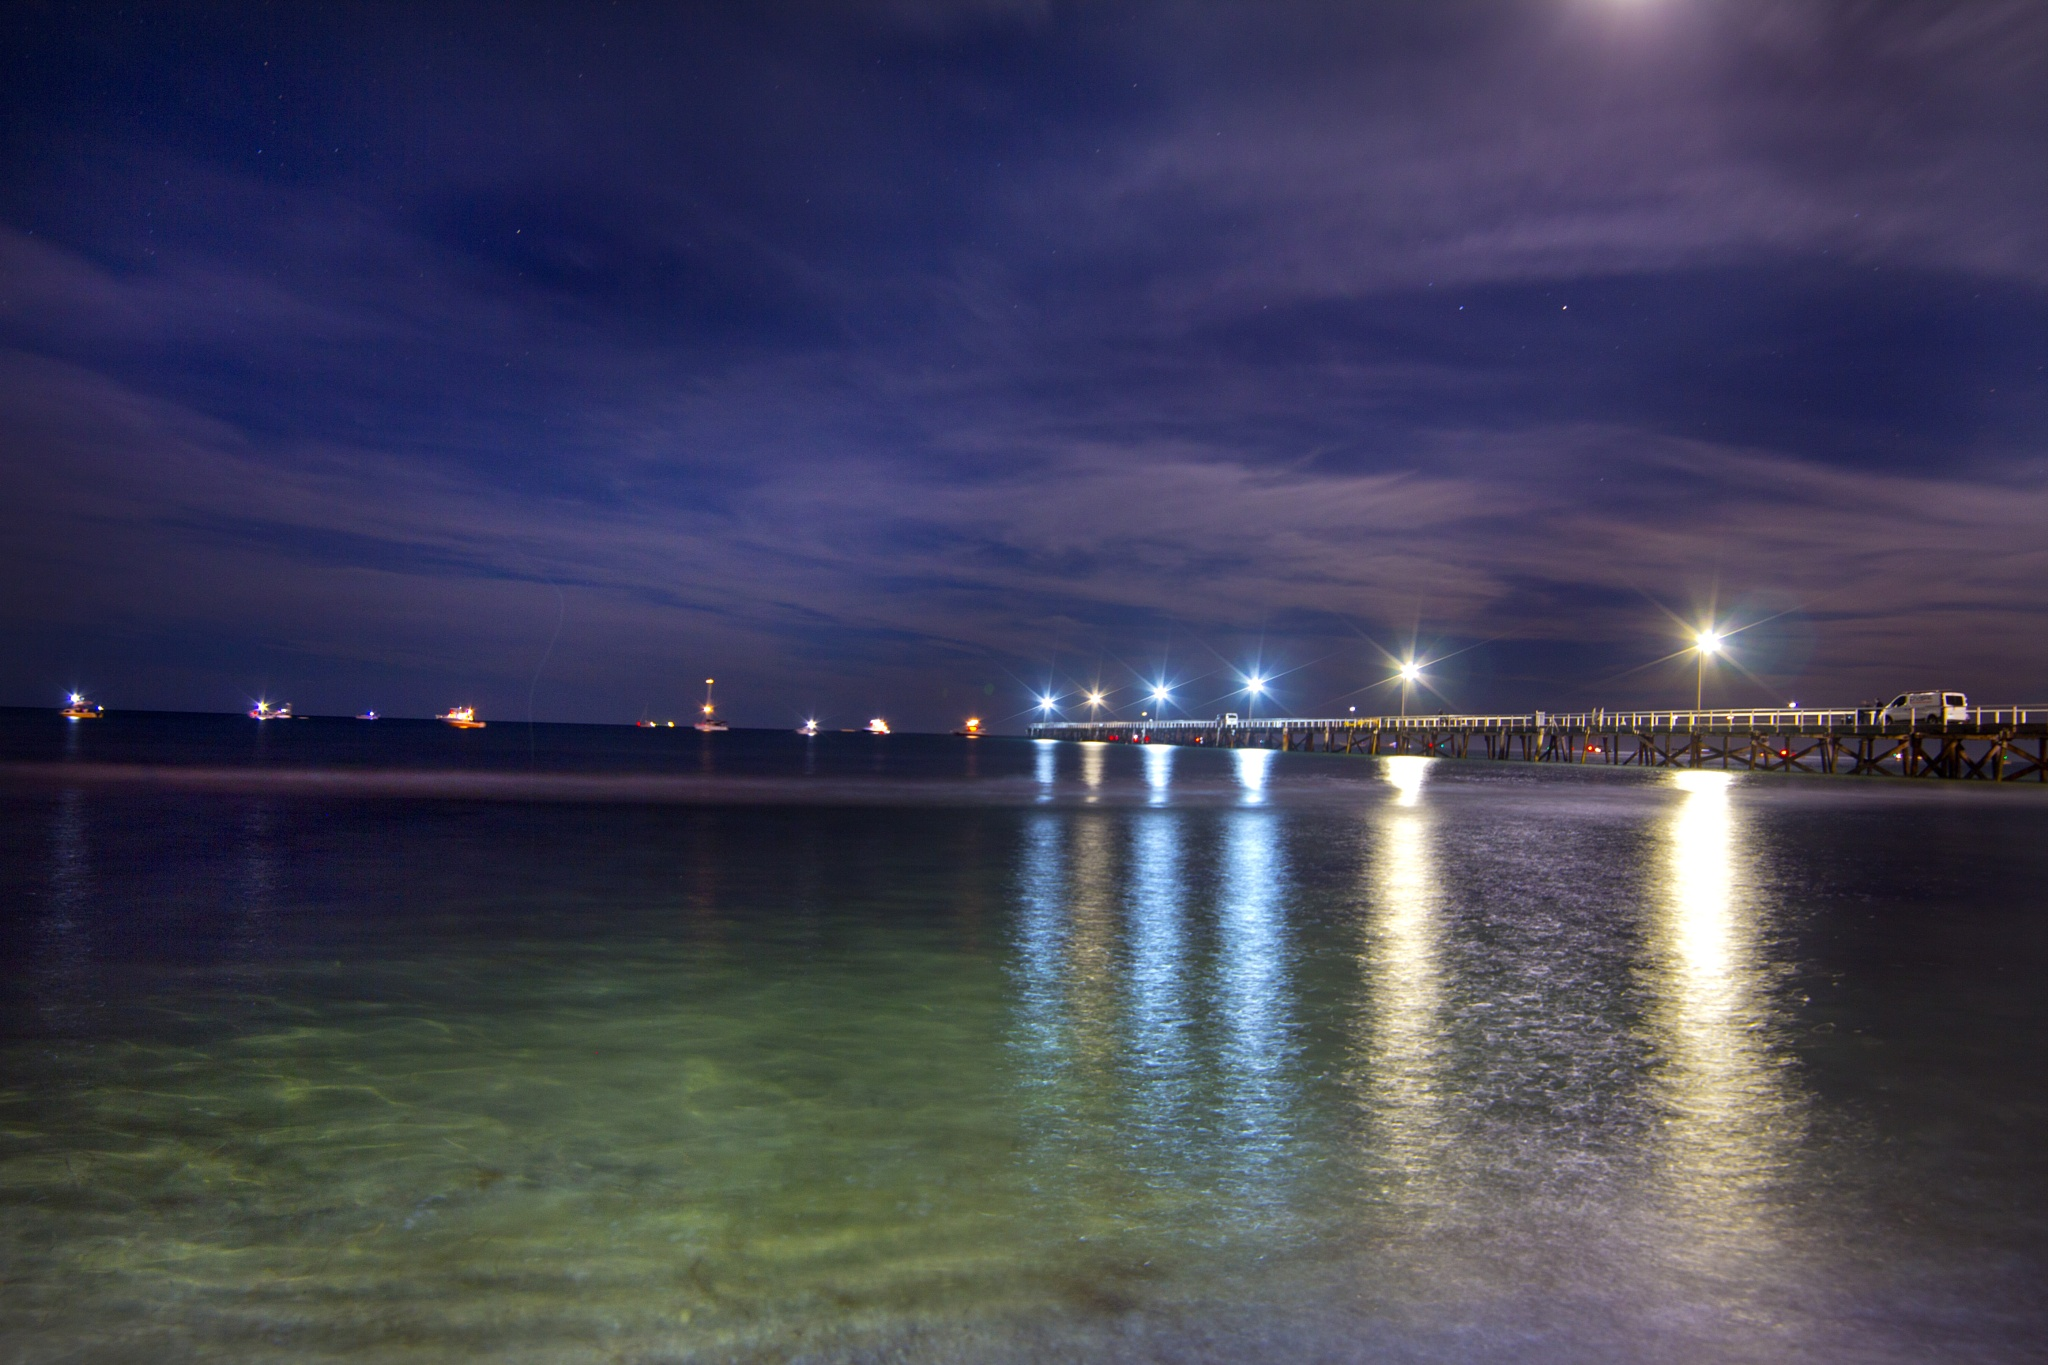 Summer Nights by Ersu Turk